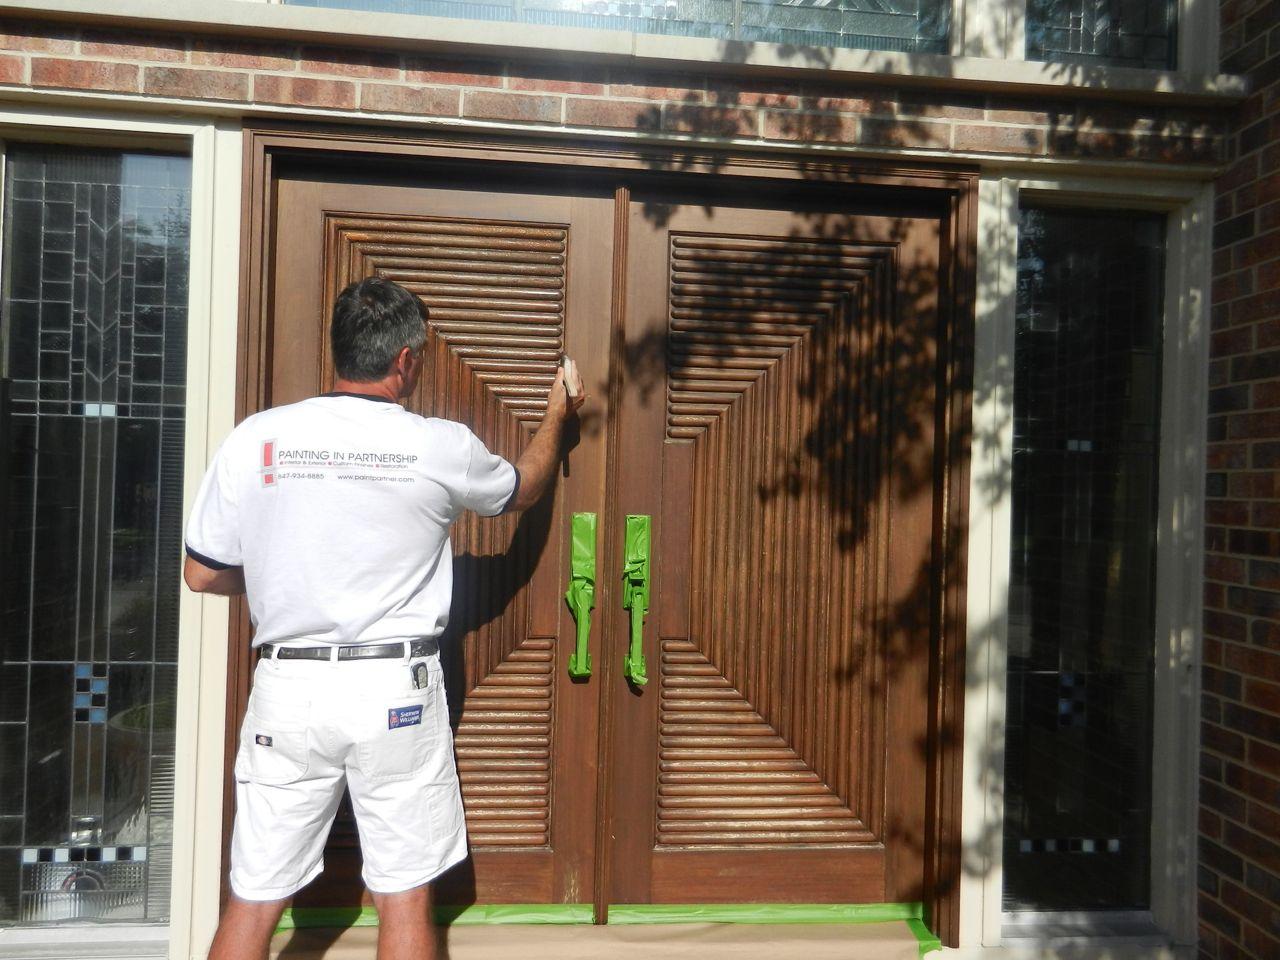 Báo giá dịch vụ sơn cửa gỗ tại nhà chất lượng uy tín